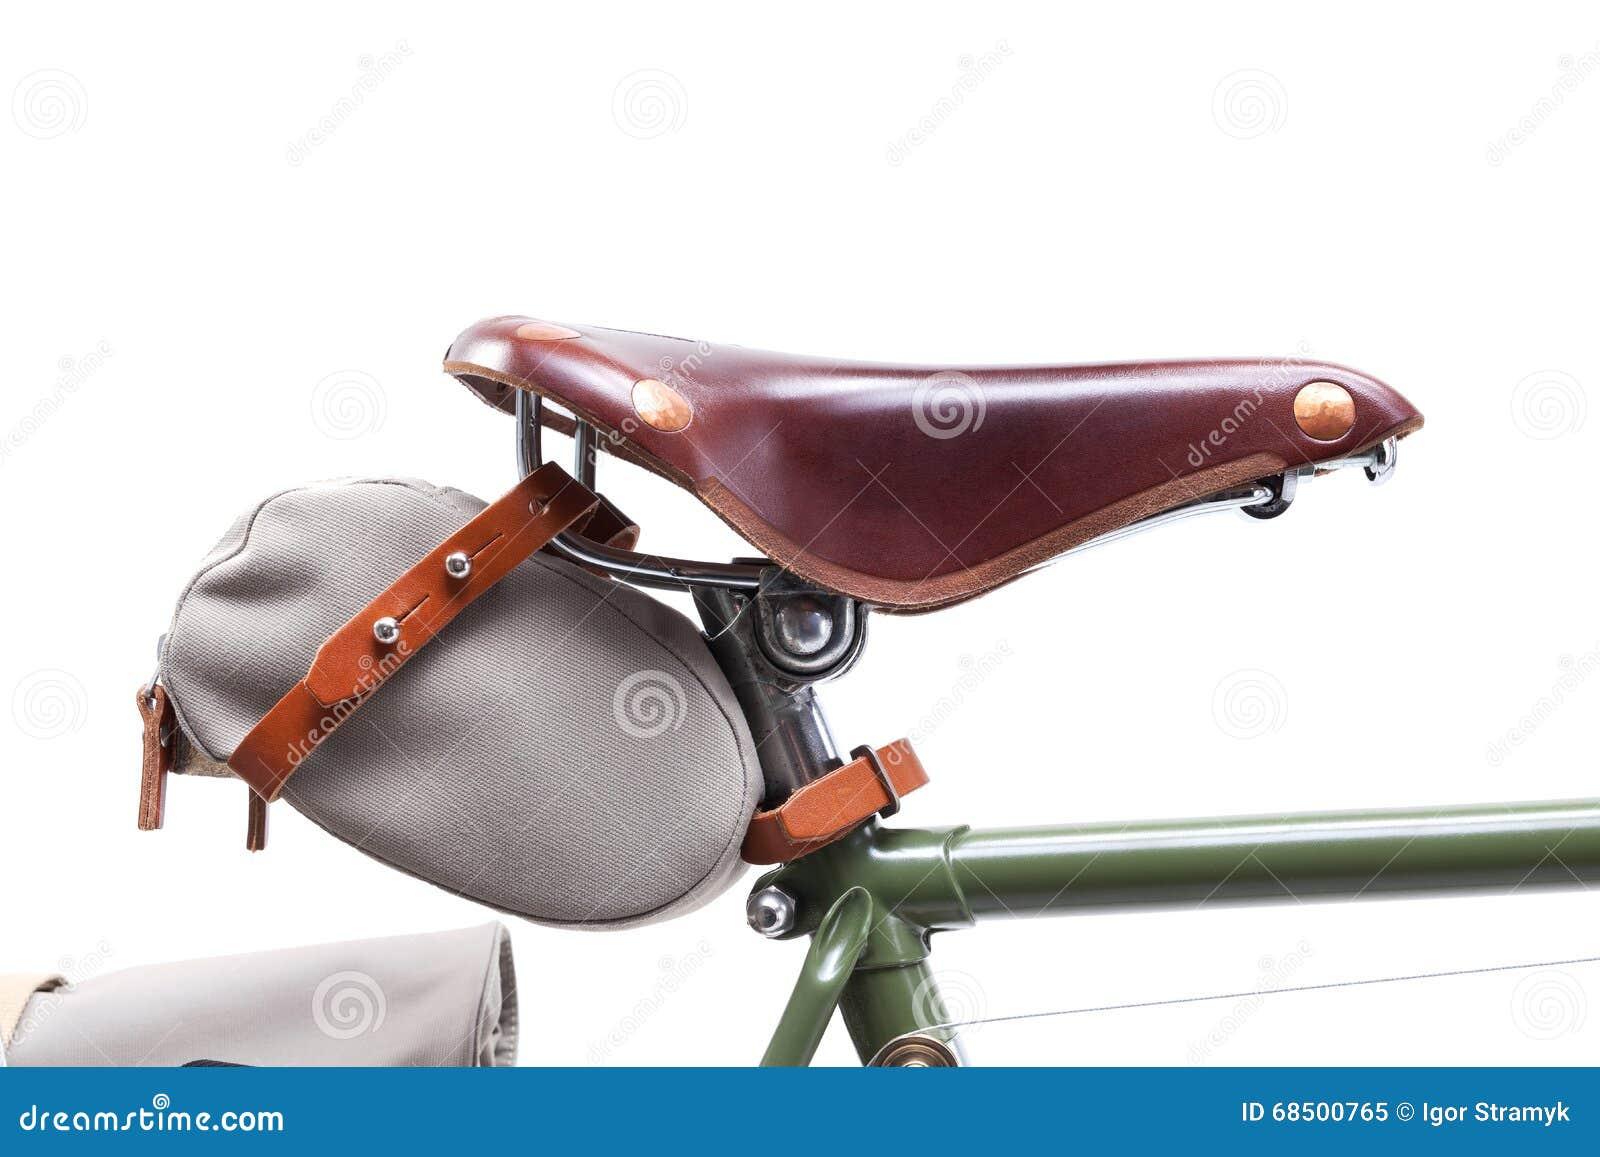 f7b8278c304 Stylish Vintage Bicycle Saddle Stock Image - Image of isolated, race ...